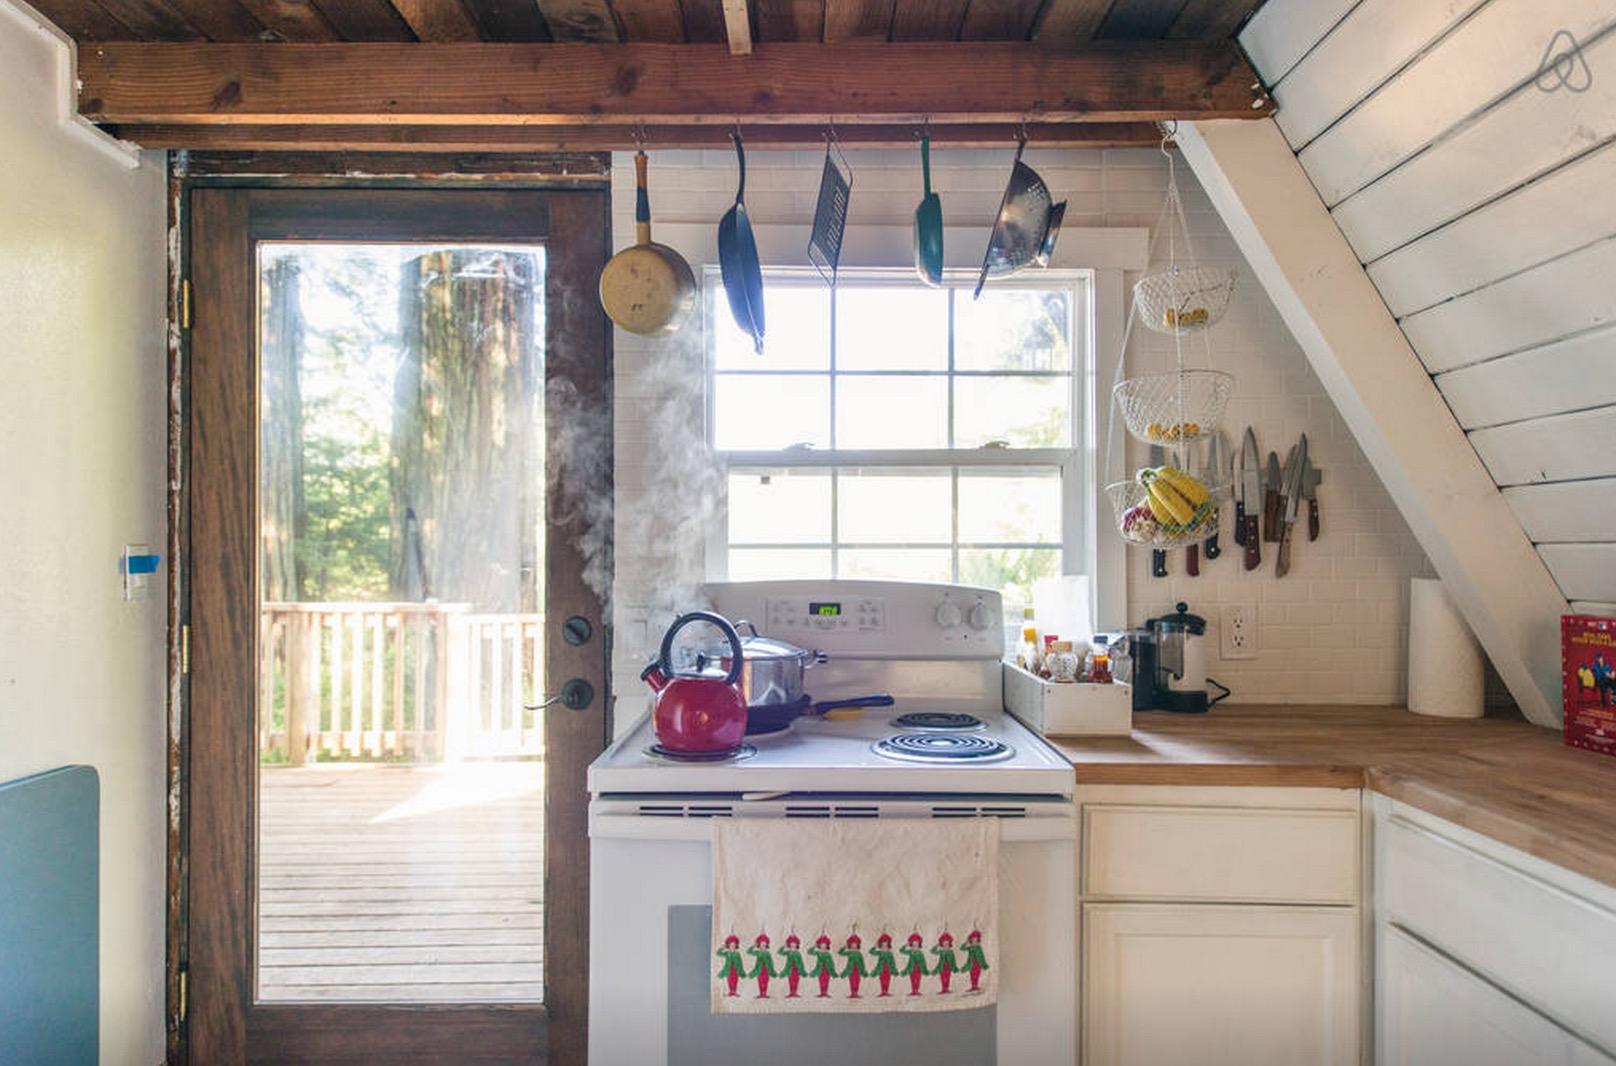 Cabin-Redwoods-Joli-Joli-Design-Cabine-12